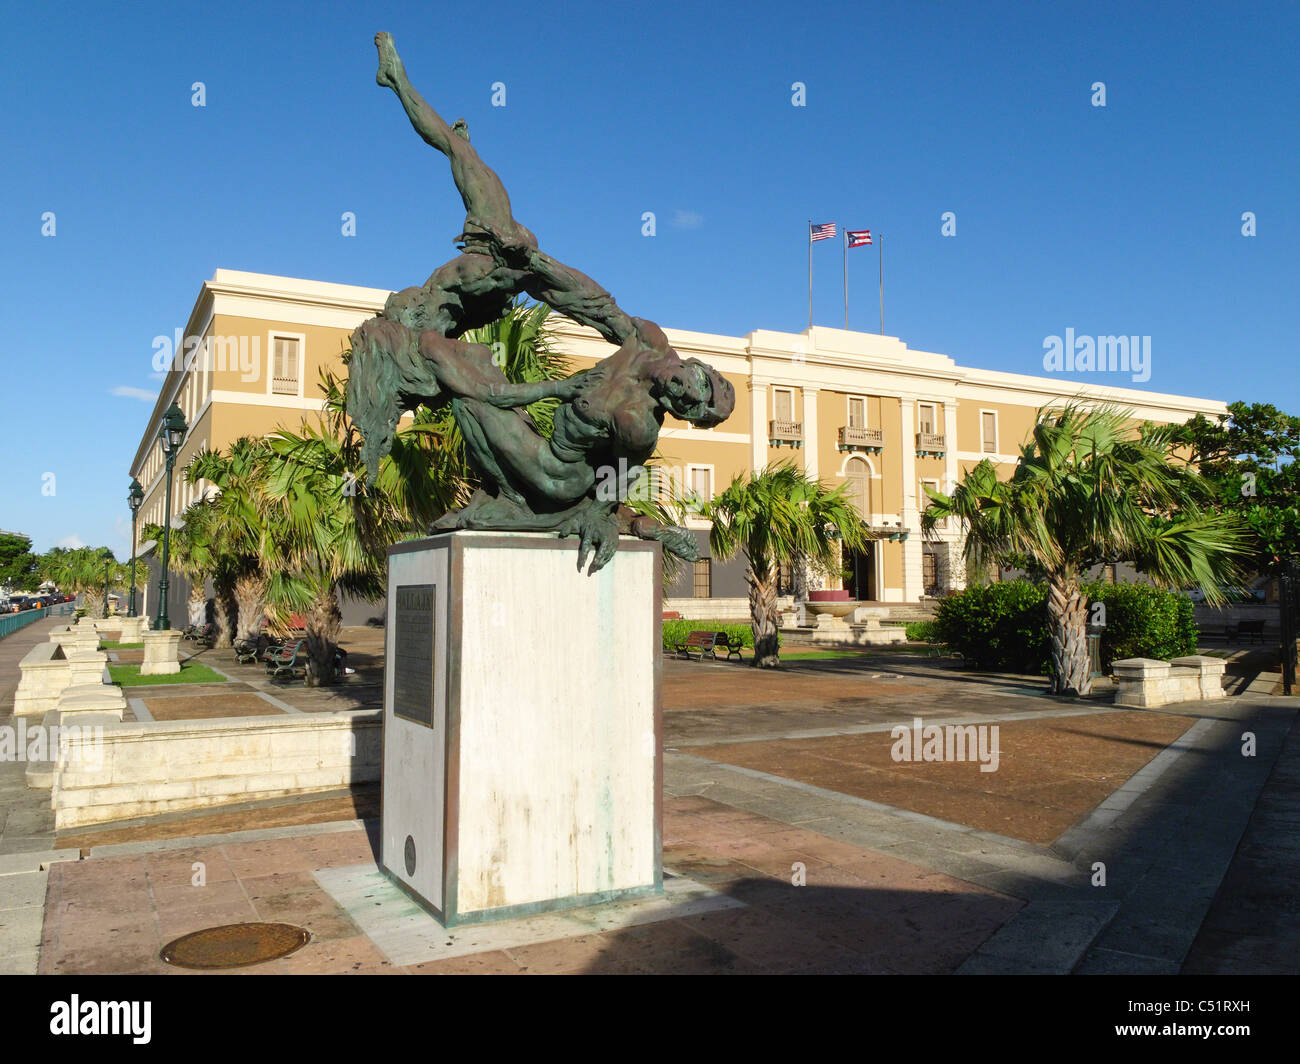 The Sculpture Ballaja in Old San Juan - Stock Image